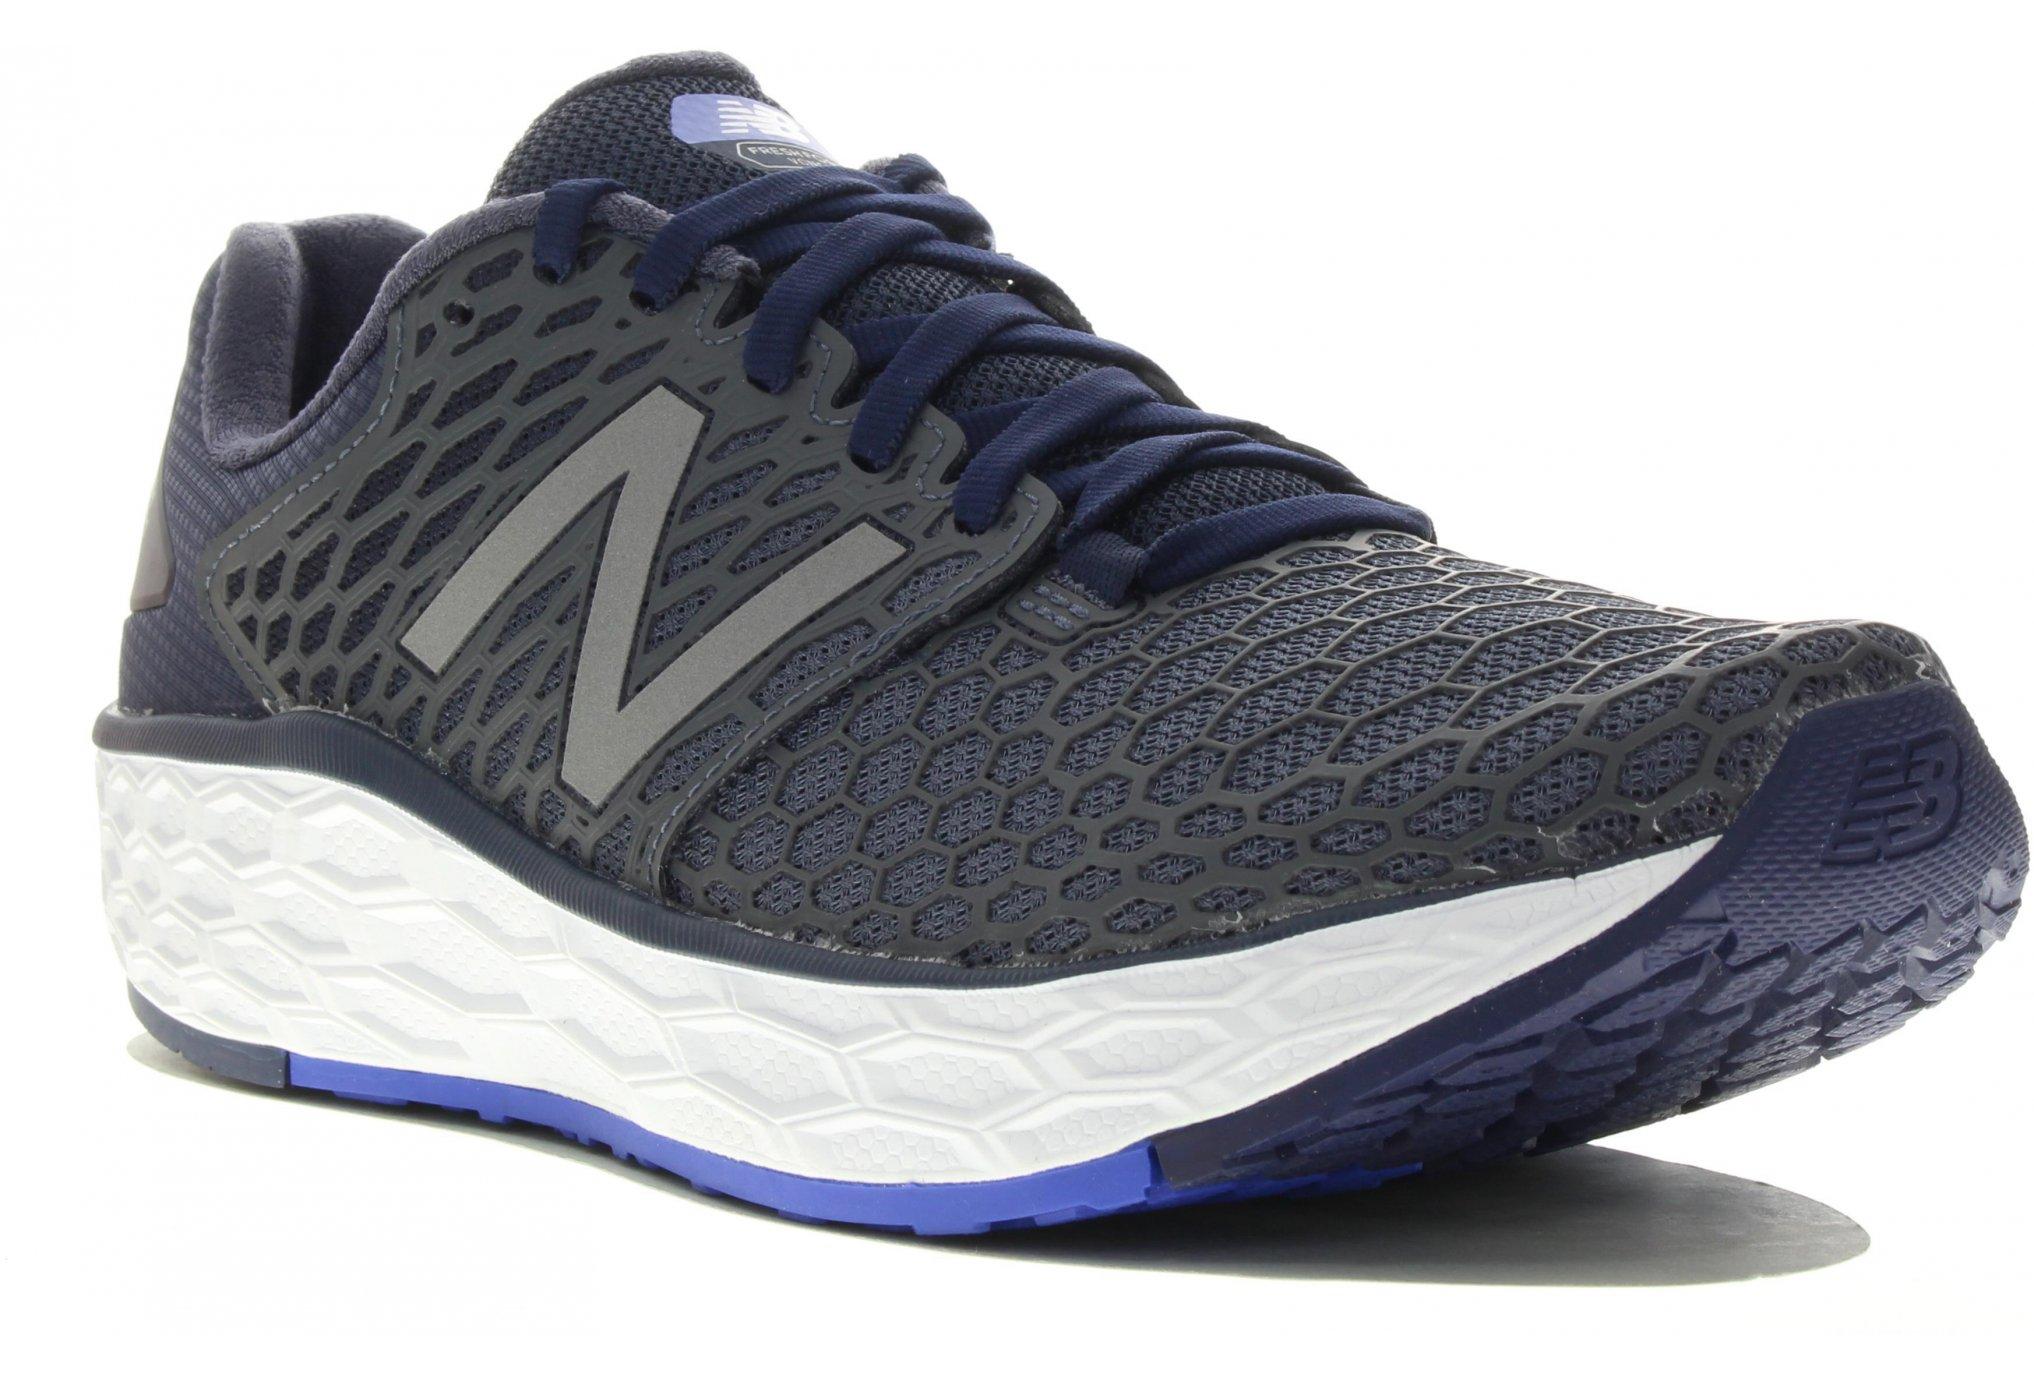 New Balance Fresh Foam Vongo V3 M - D Diététique Chaussures homme